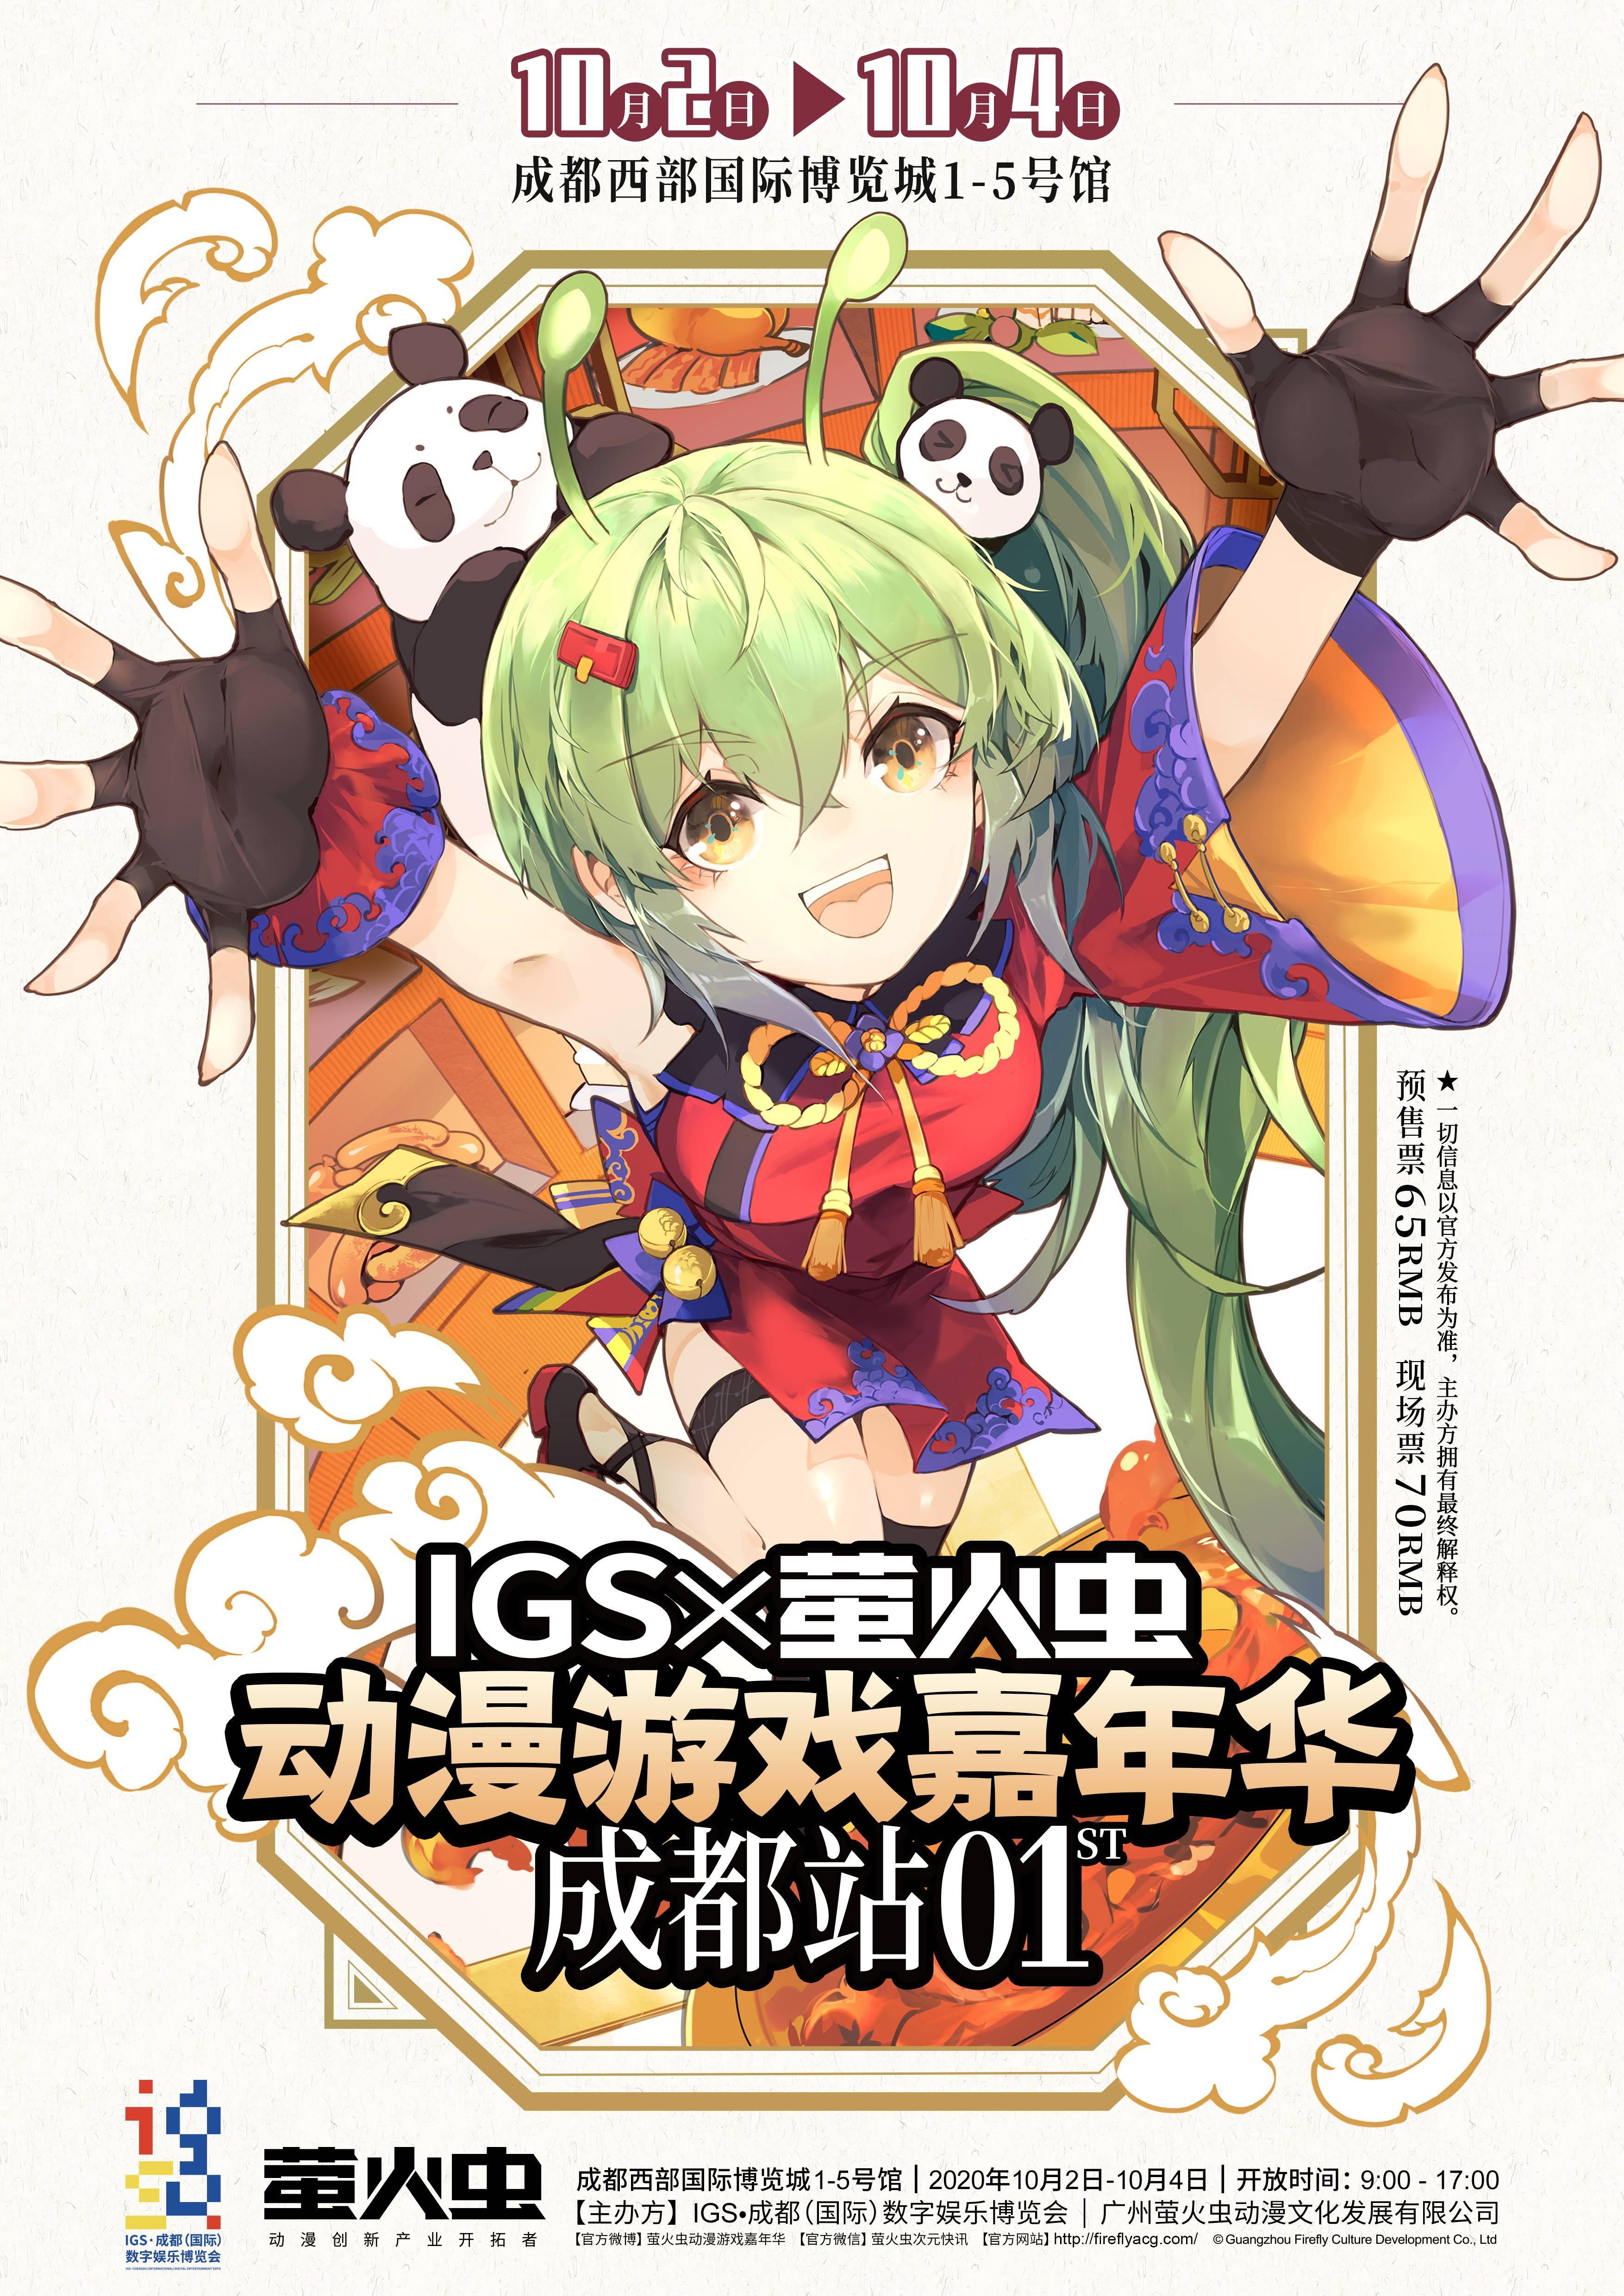 首届IGS×萤火虫动漫游戏嘉年华